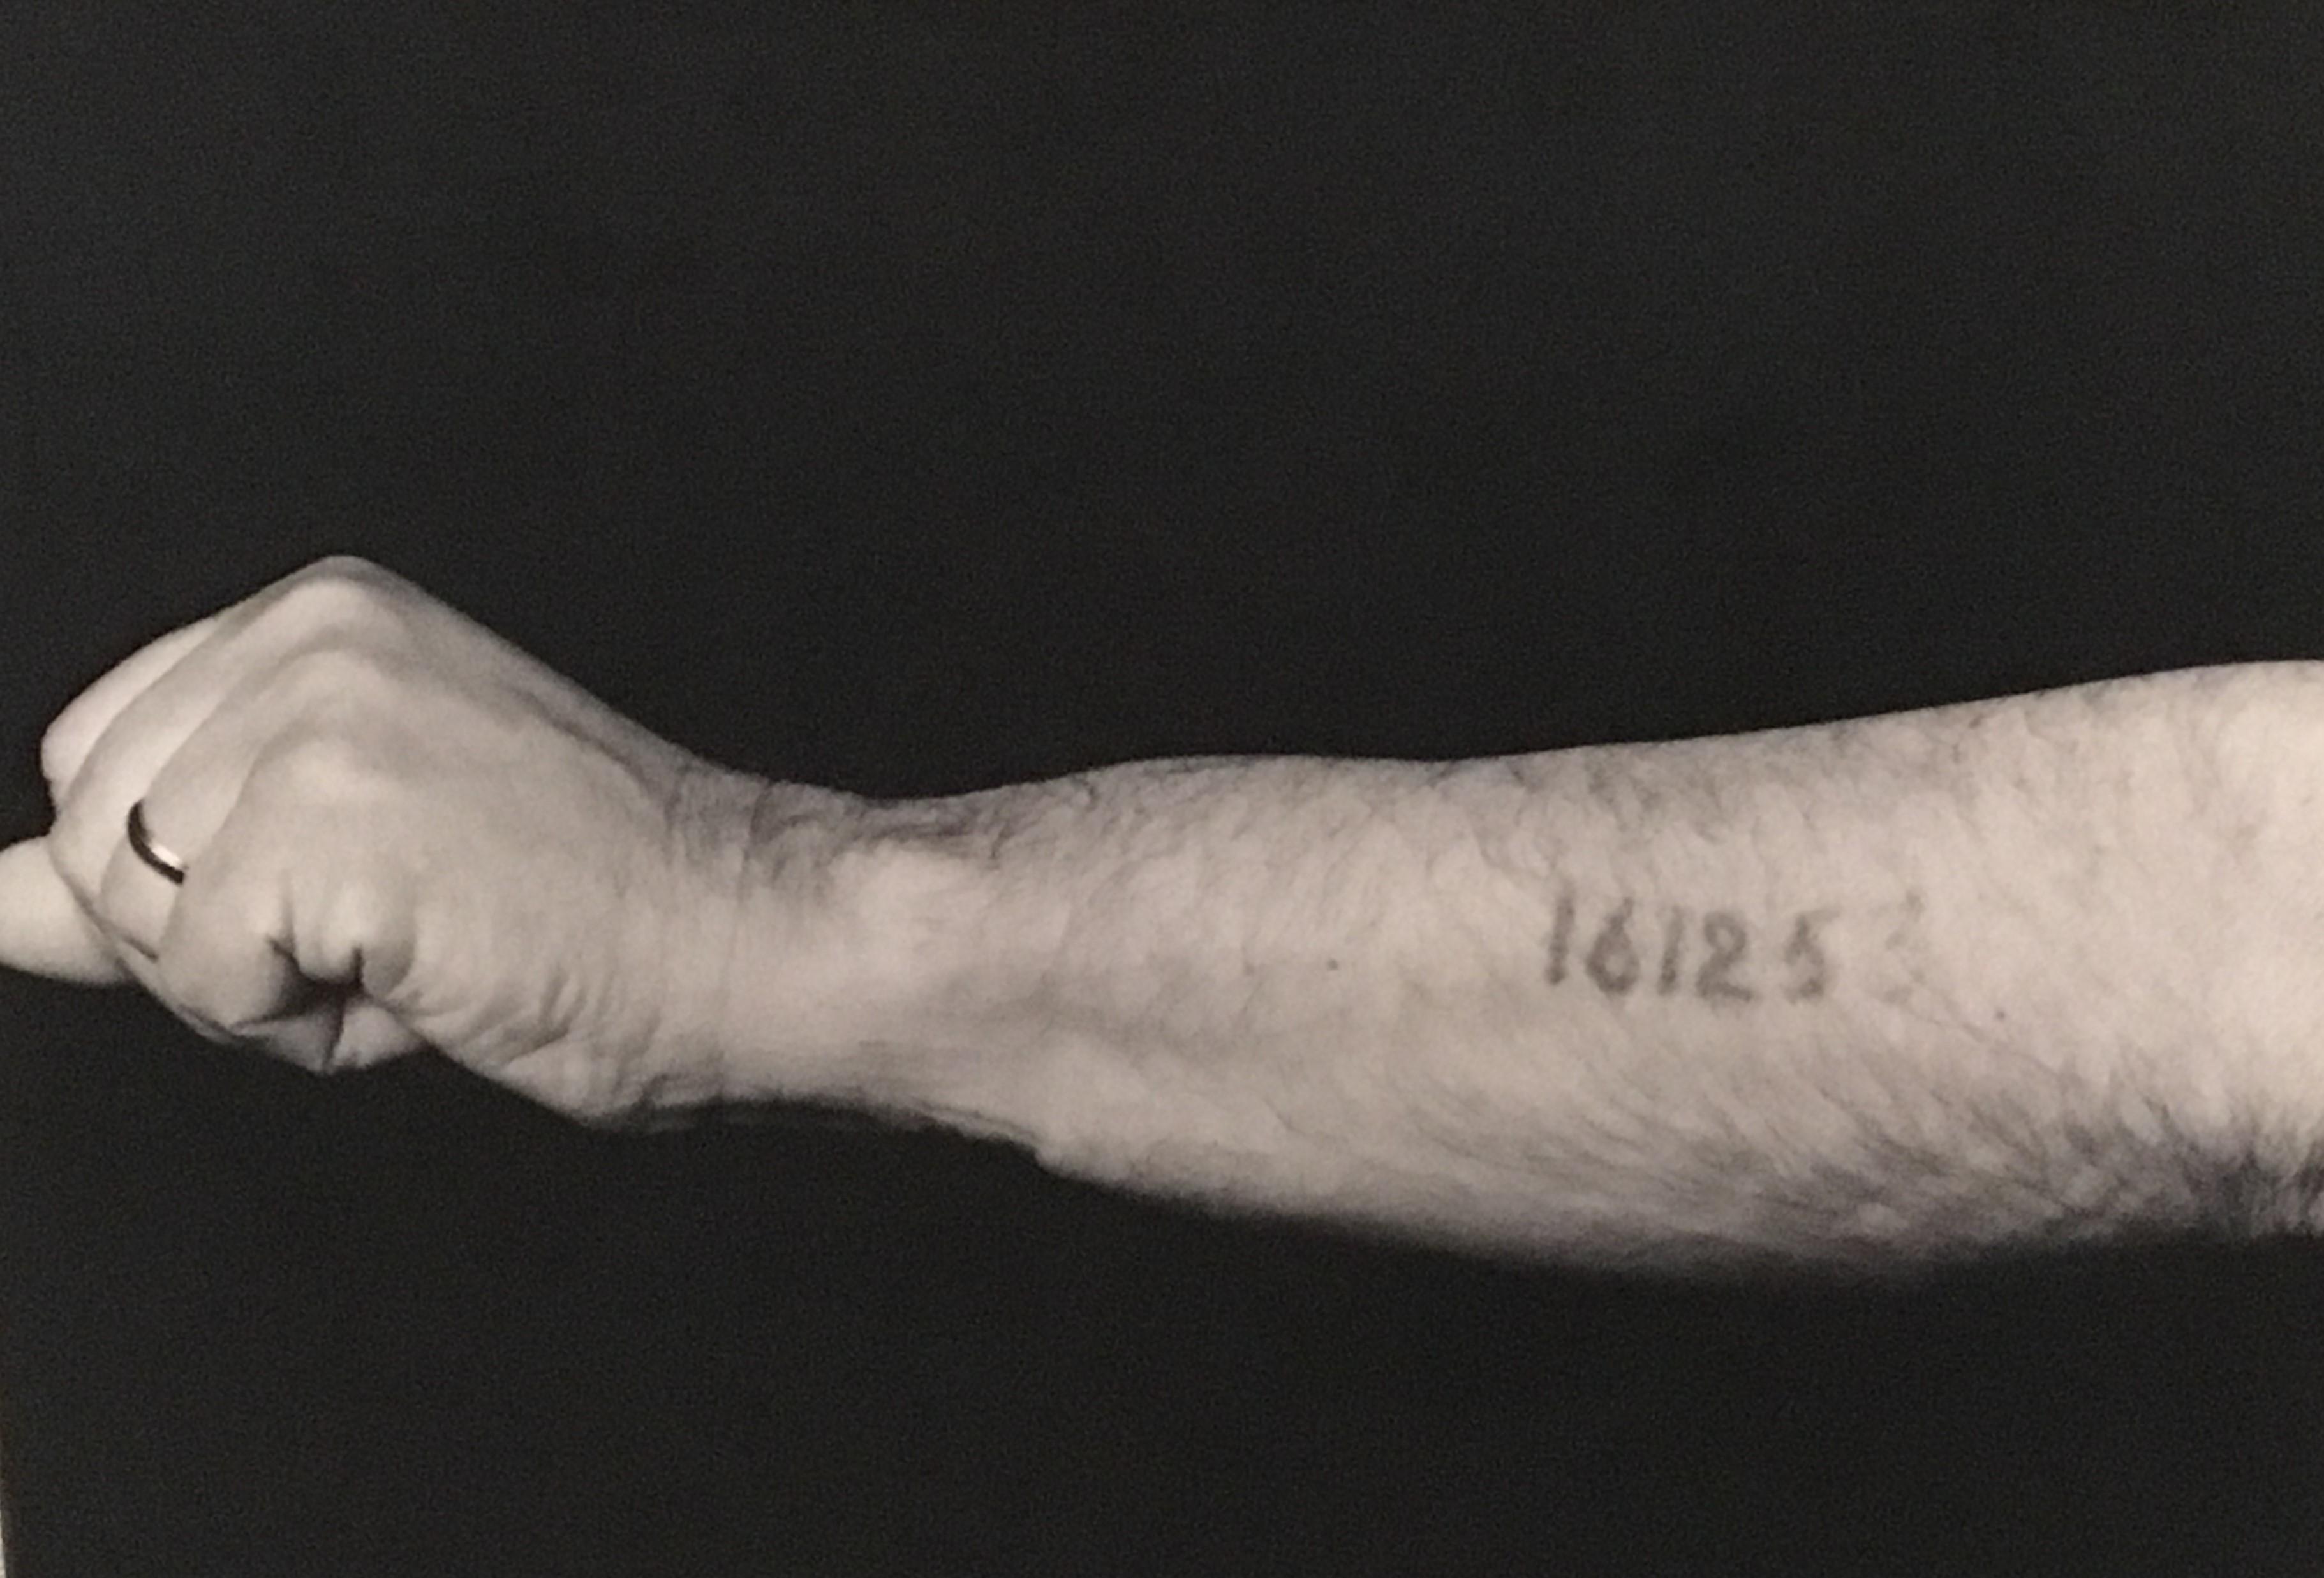 Pincus Kolender - Identification number branded on him in Auschwitz